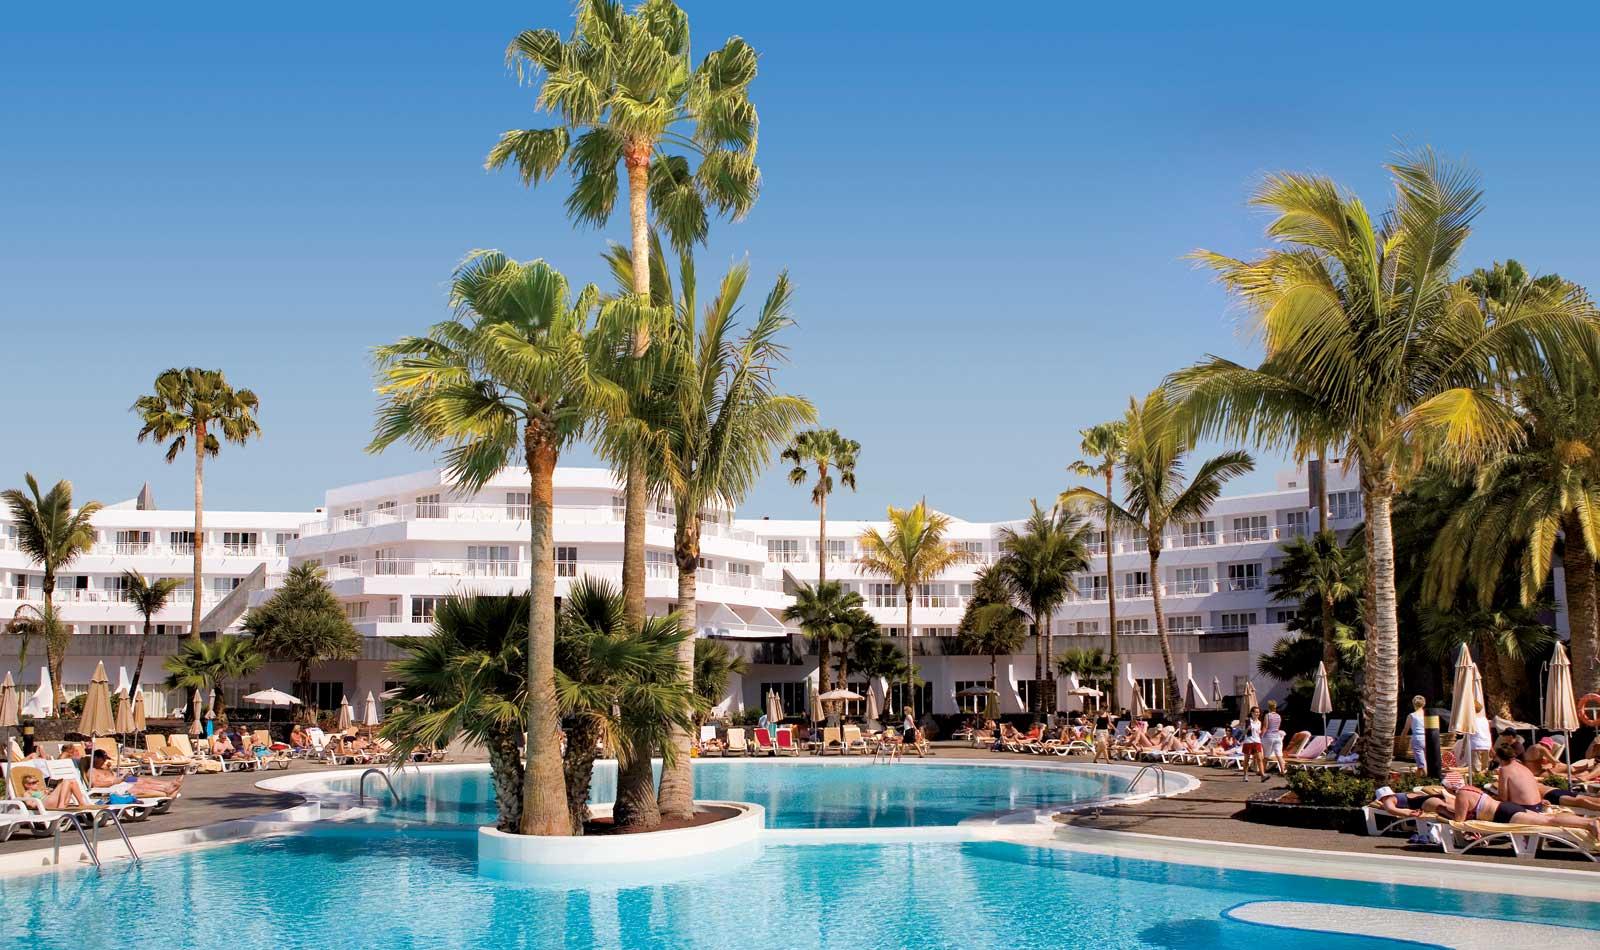 Club Hotel Paraiso Lanzarote Resort